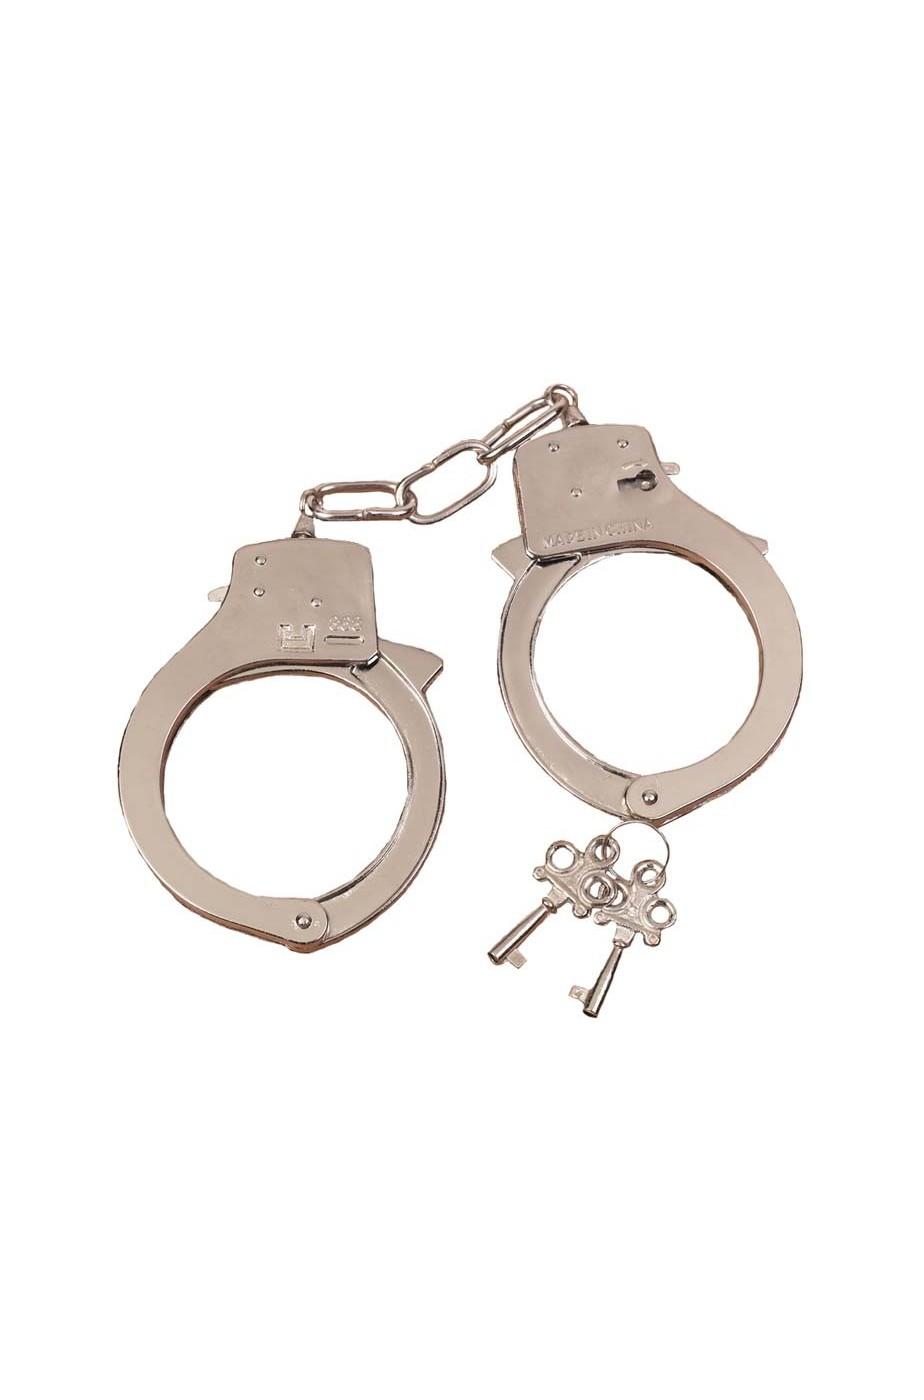 Manette detenuto  in metallo